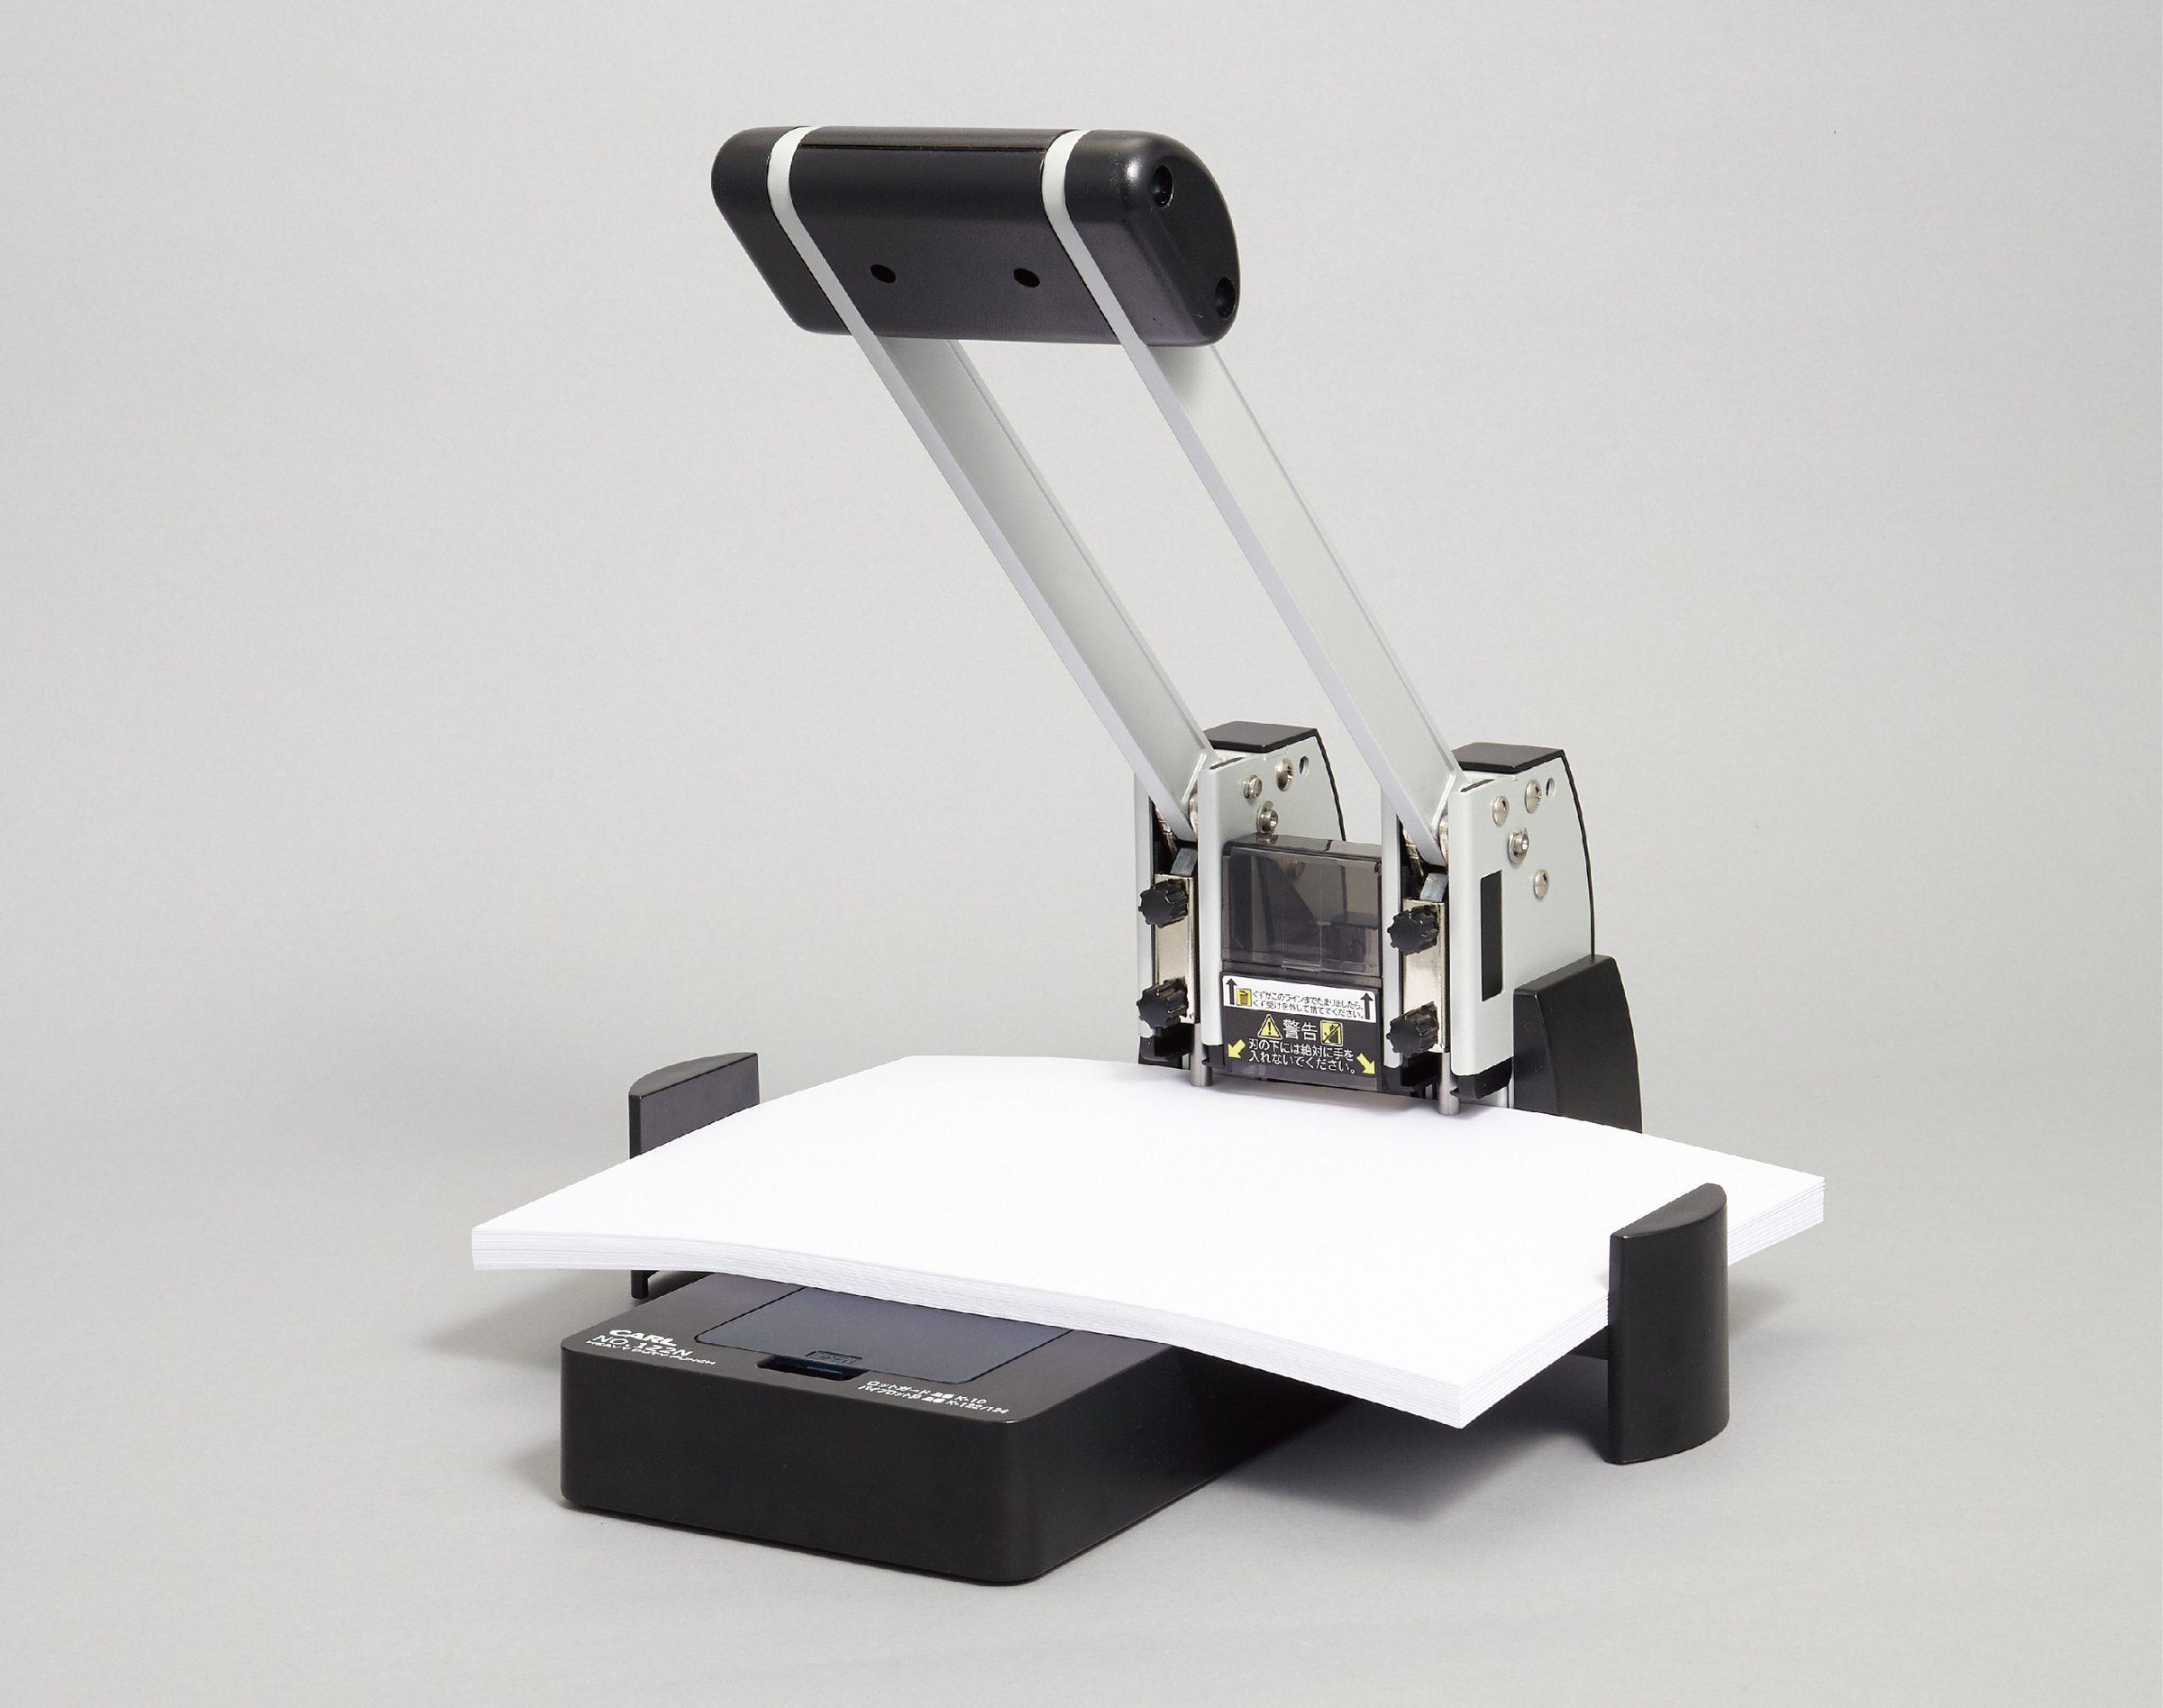 150张纸 人体工学强力打孔机 | 122N